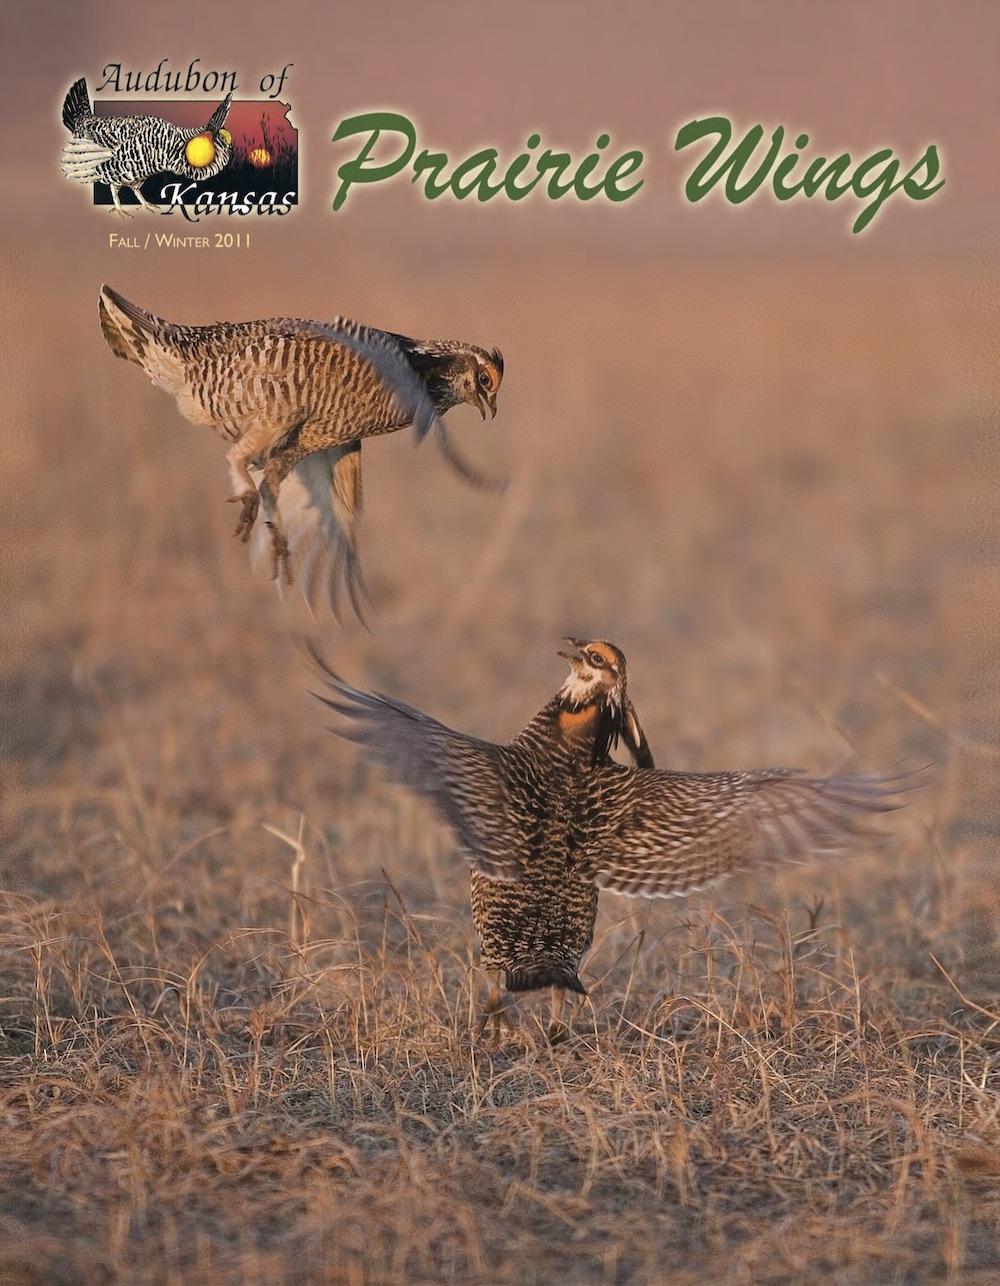 Prairie Wings 2011 cover.jpg